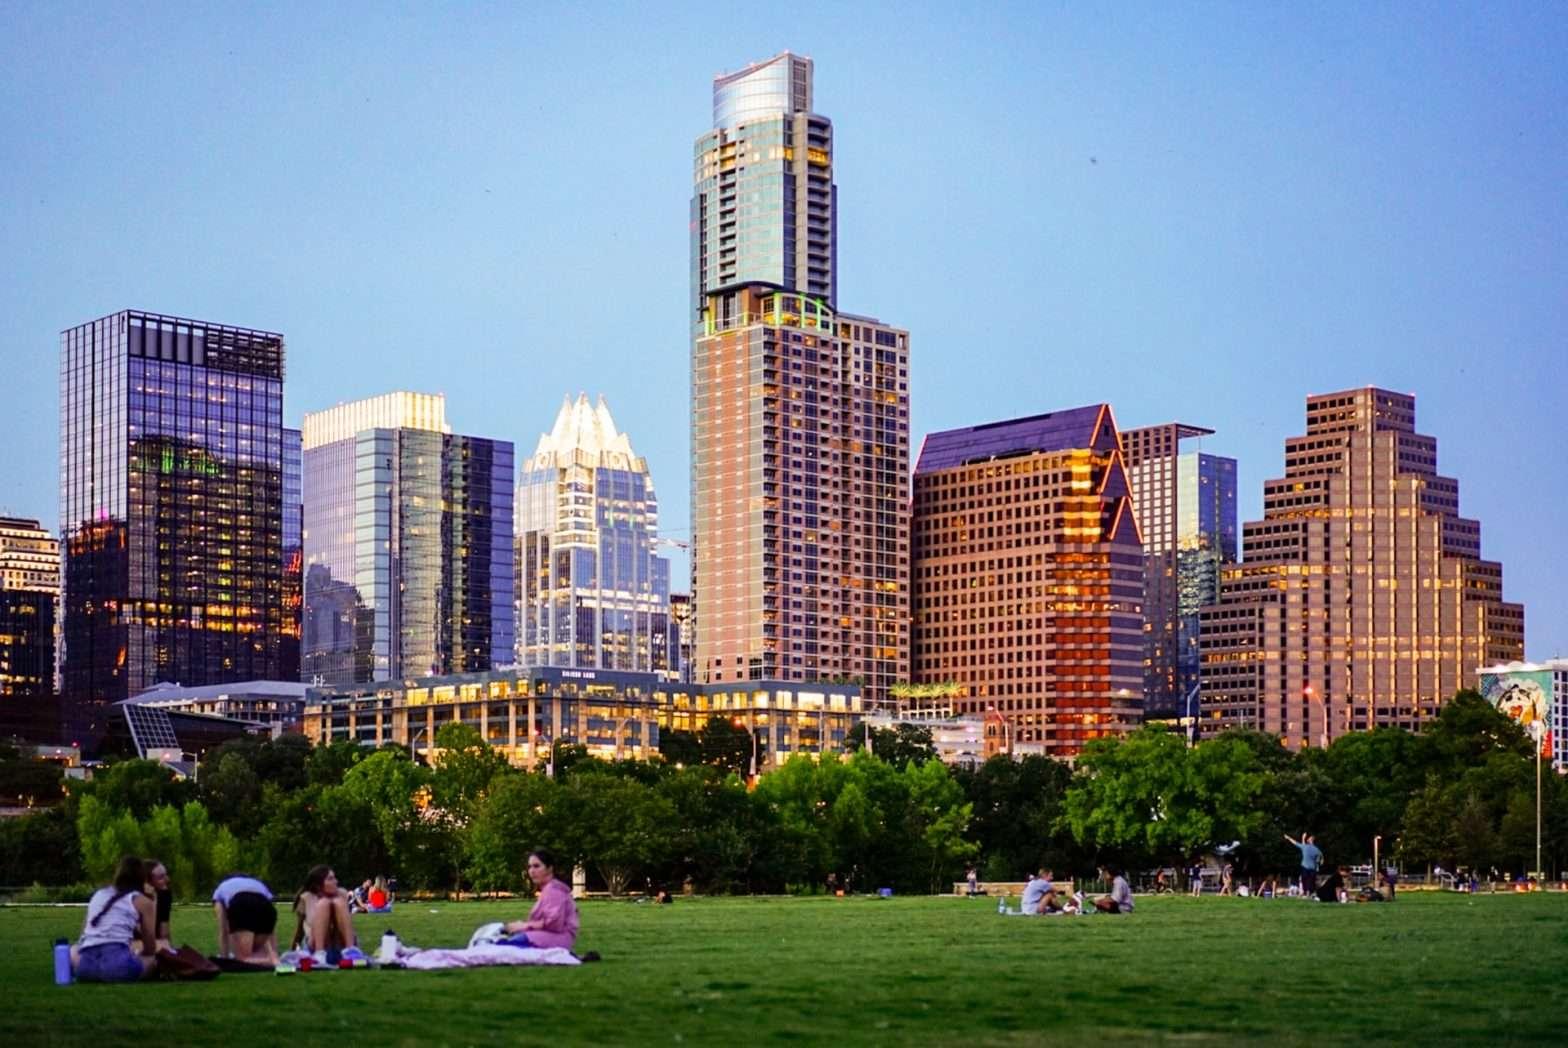 Austin City Skyline from the park